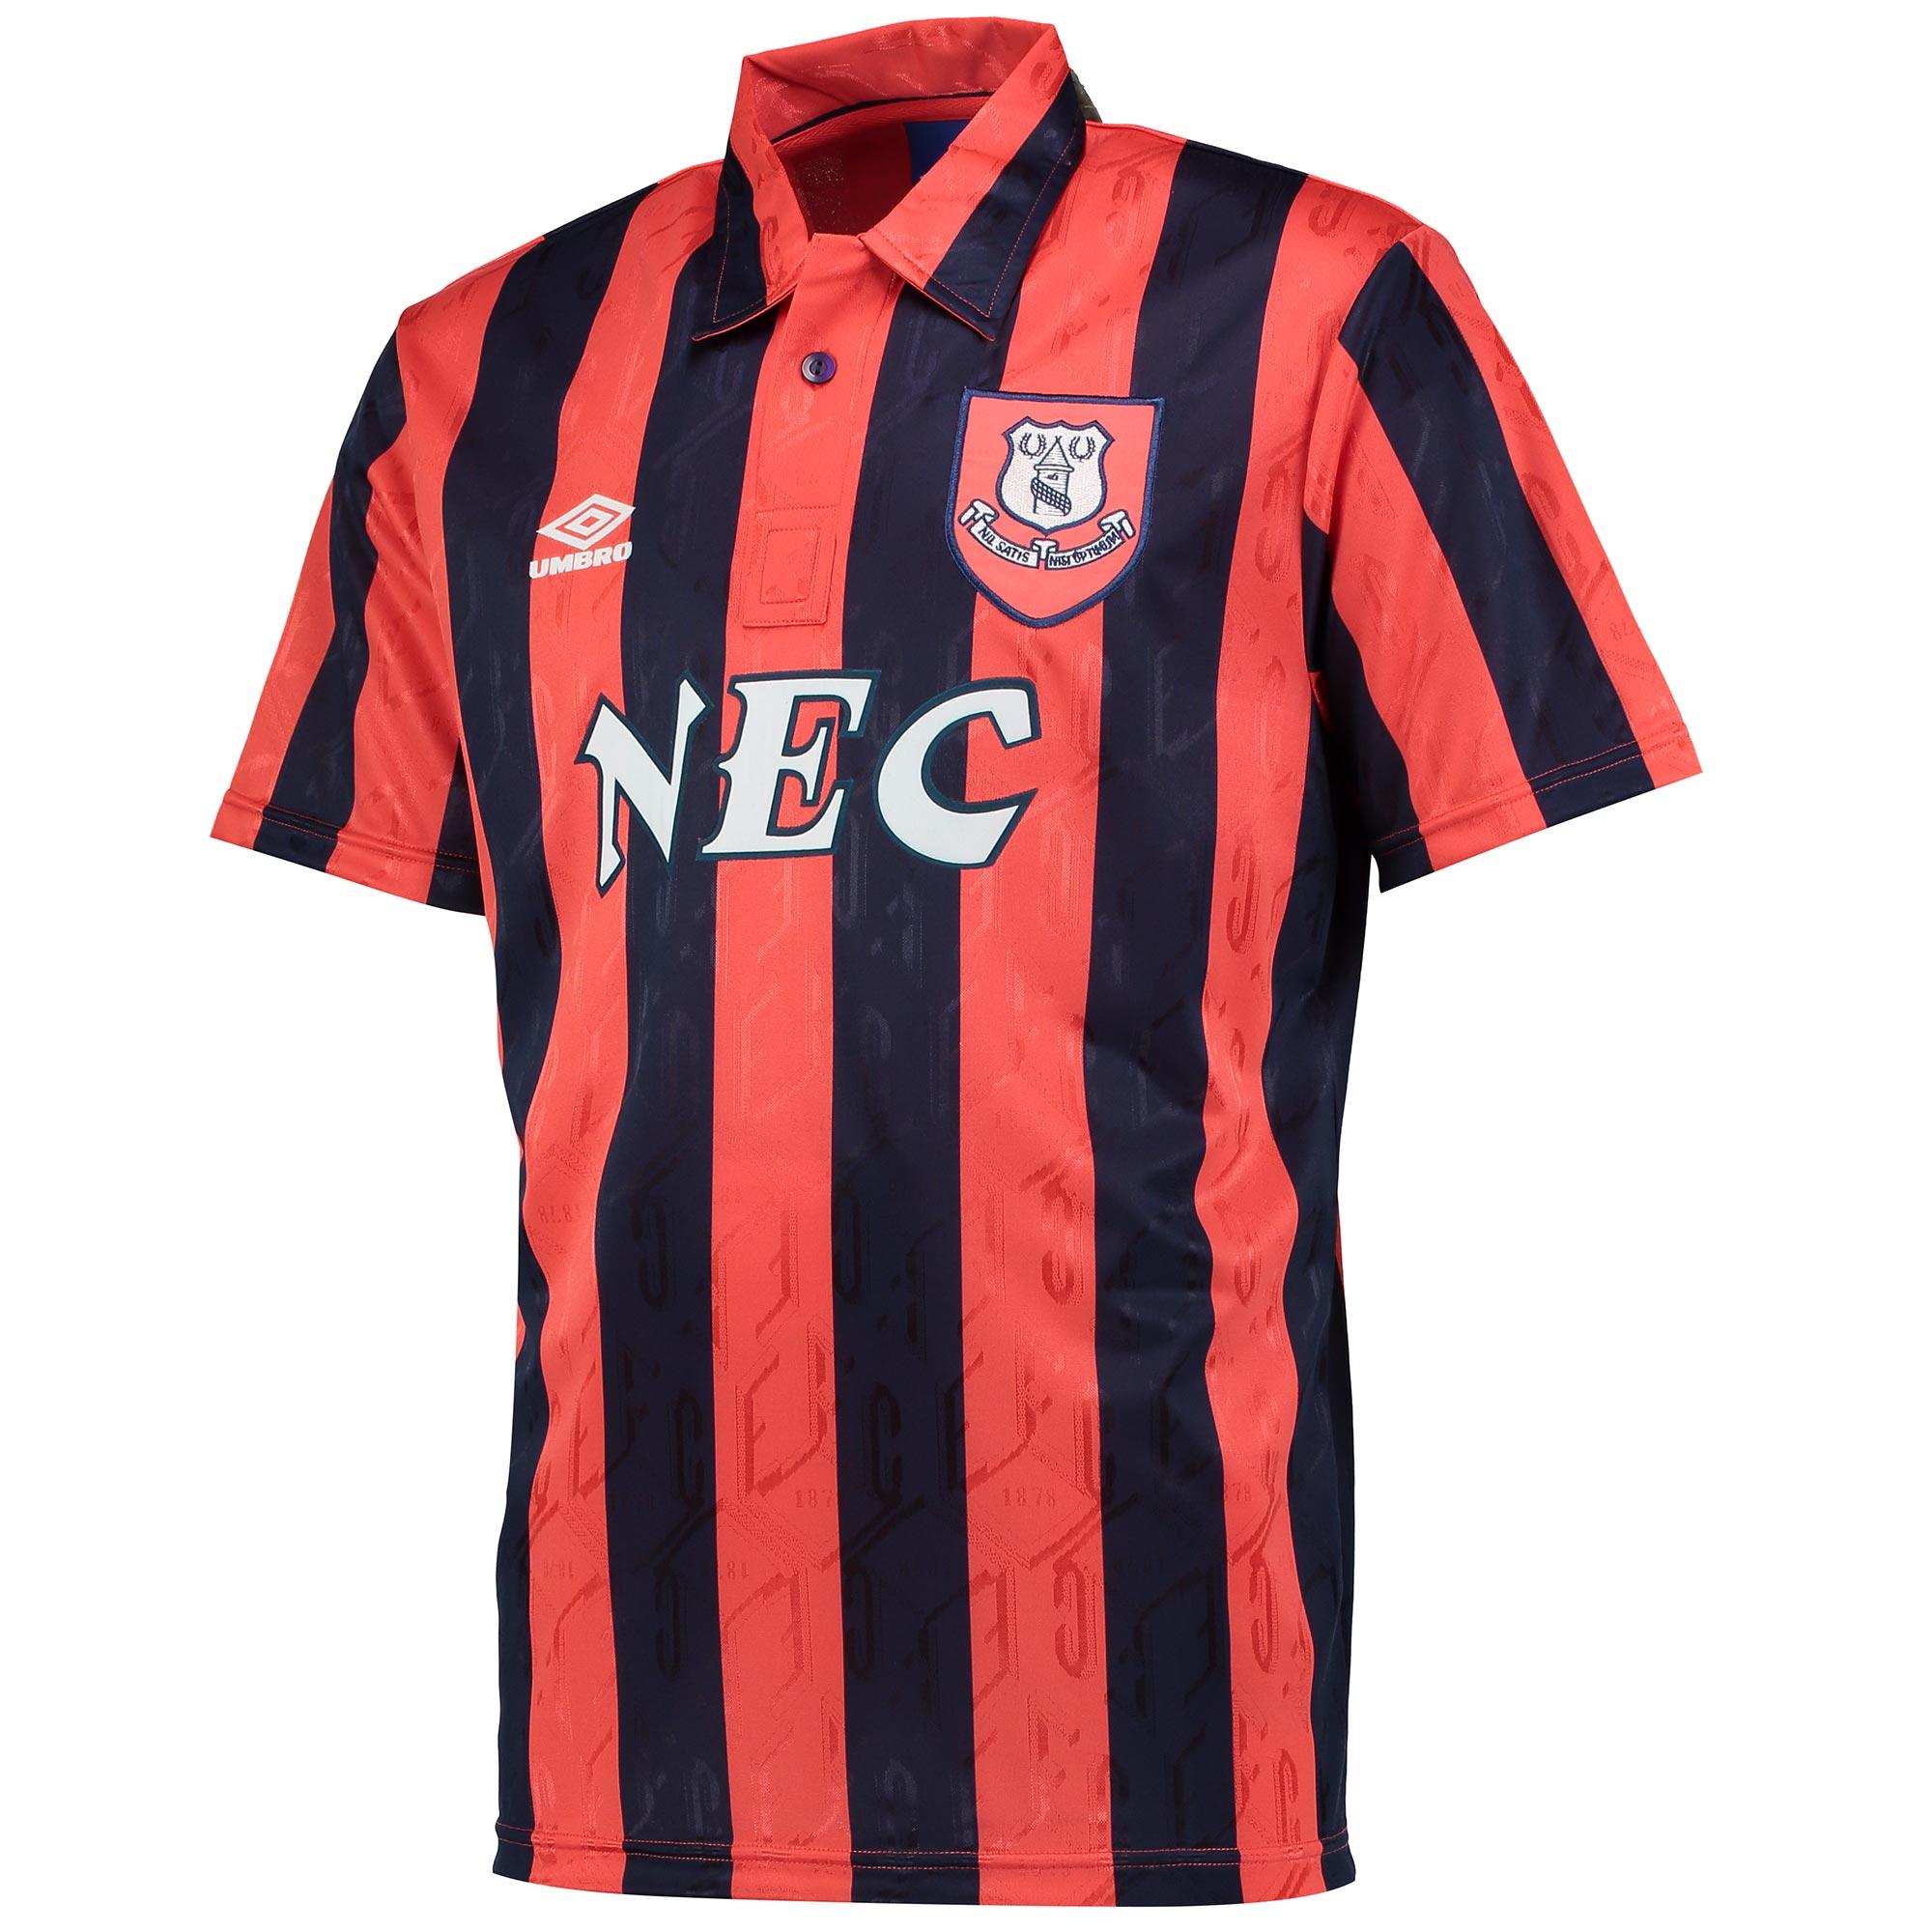 Image of Everton 1992 Away Shirt